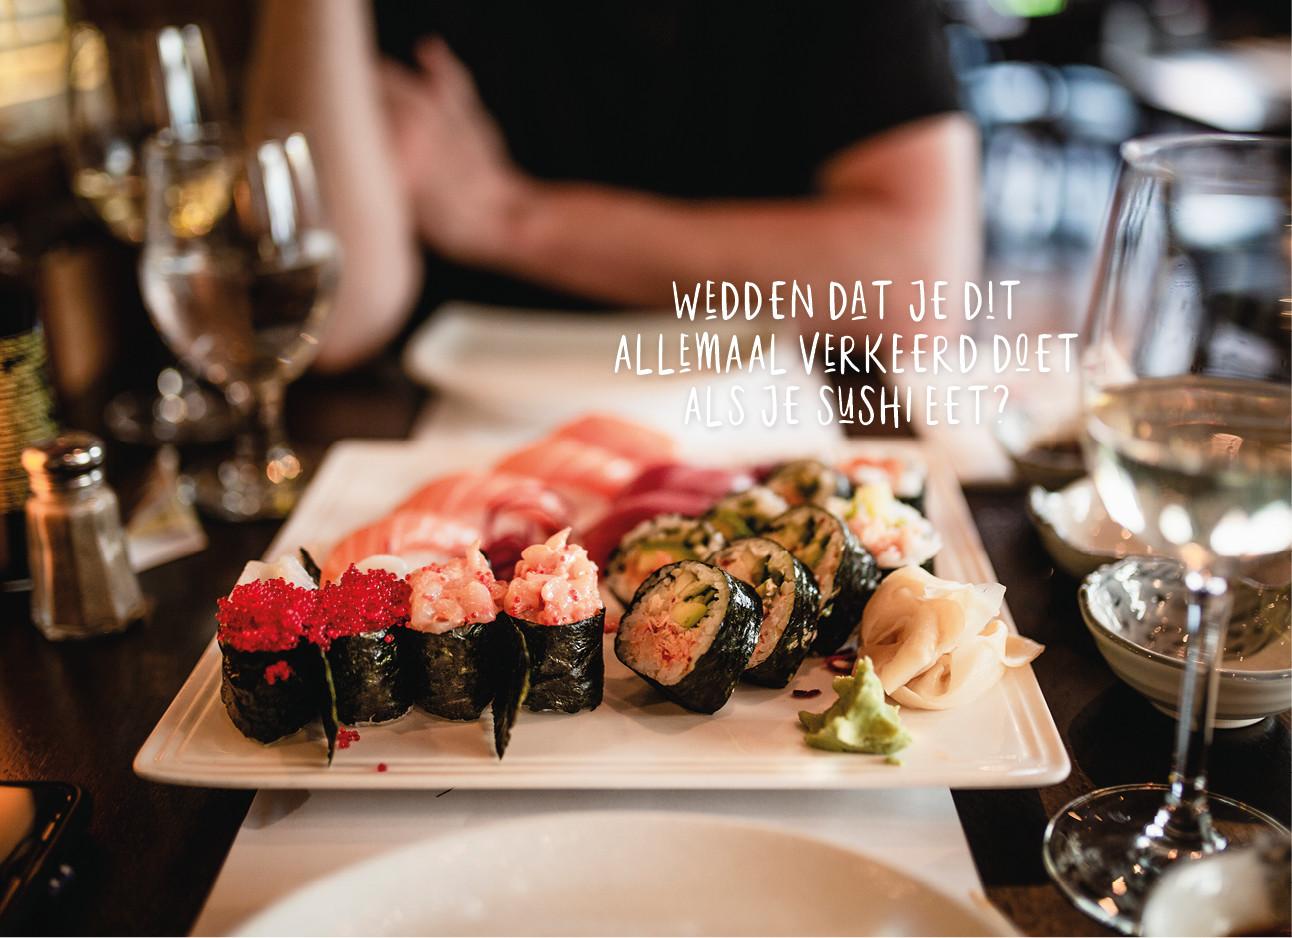 sushi eten in een restaurant